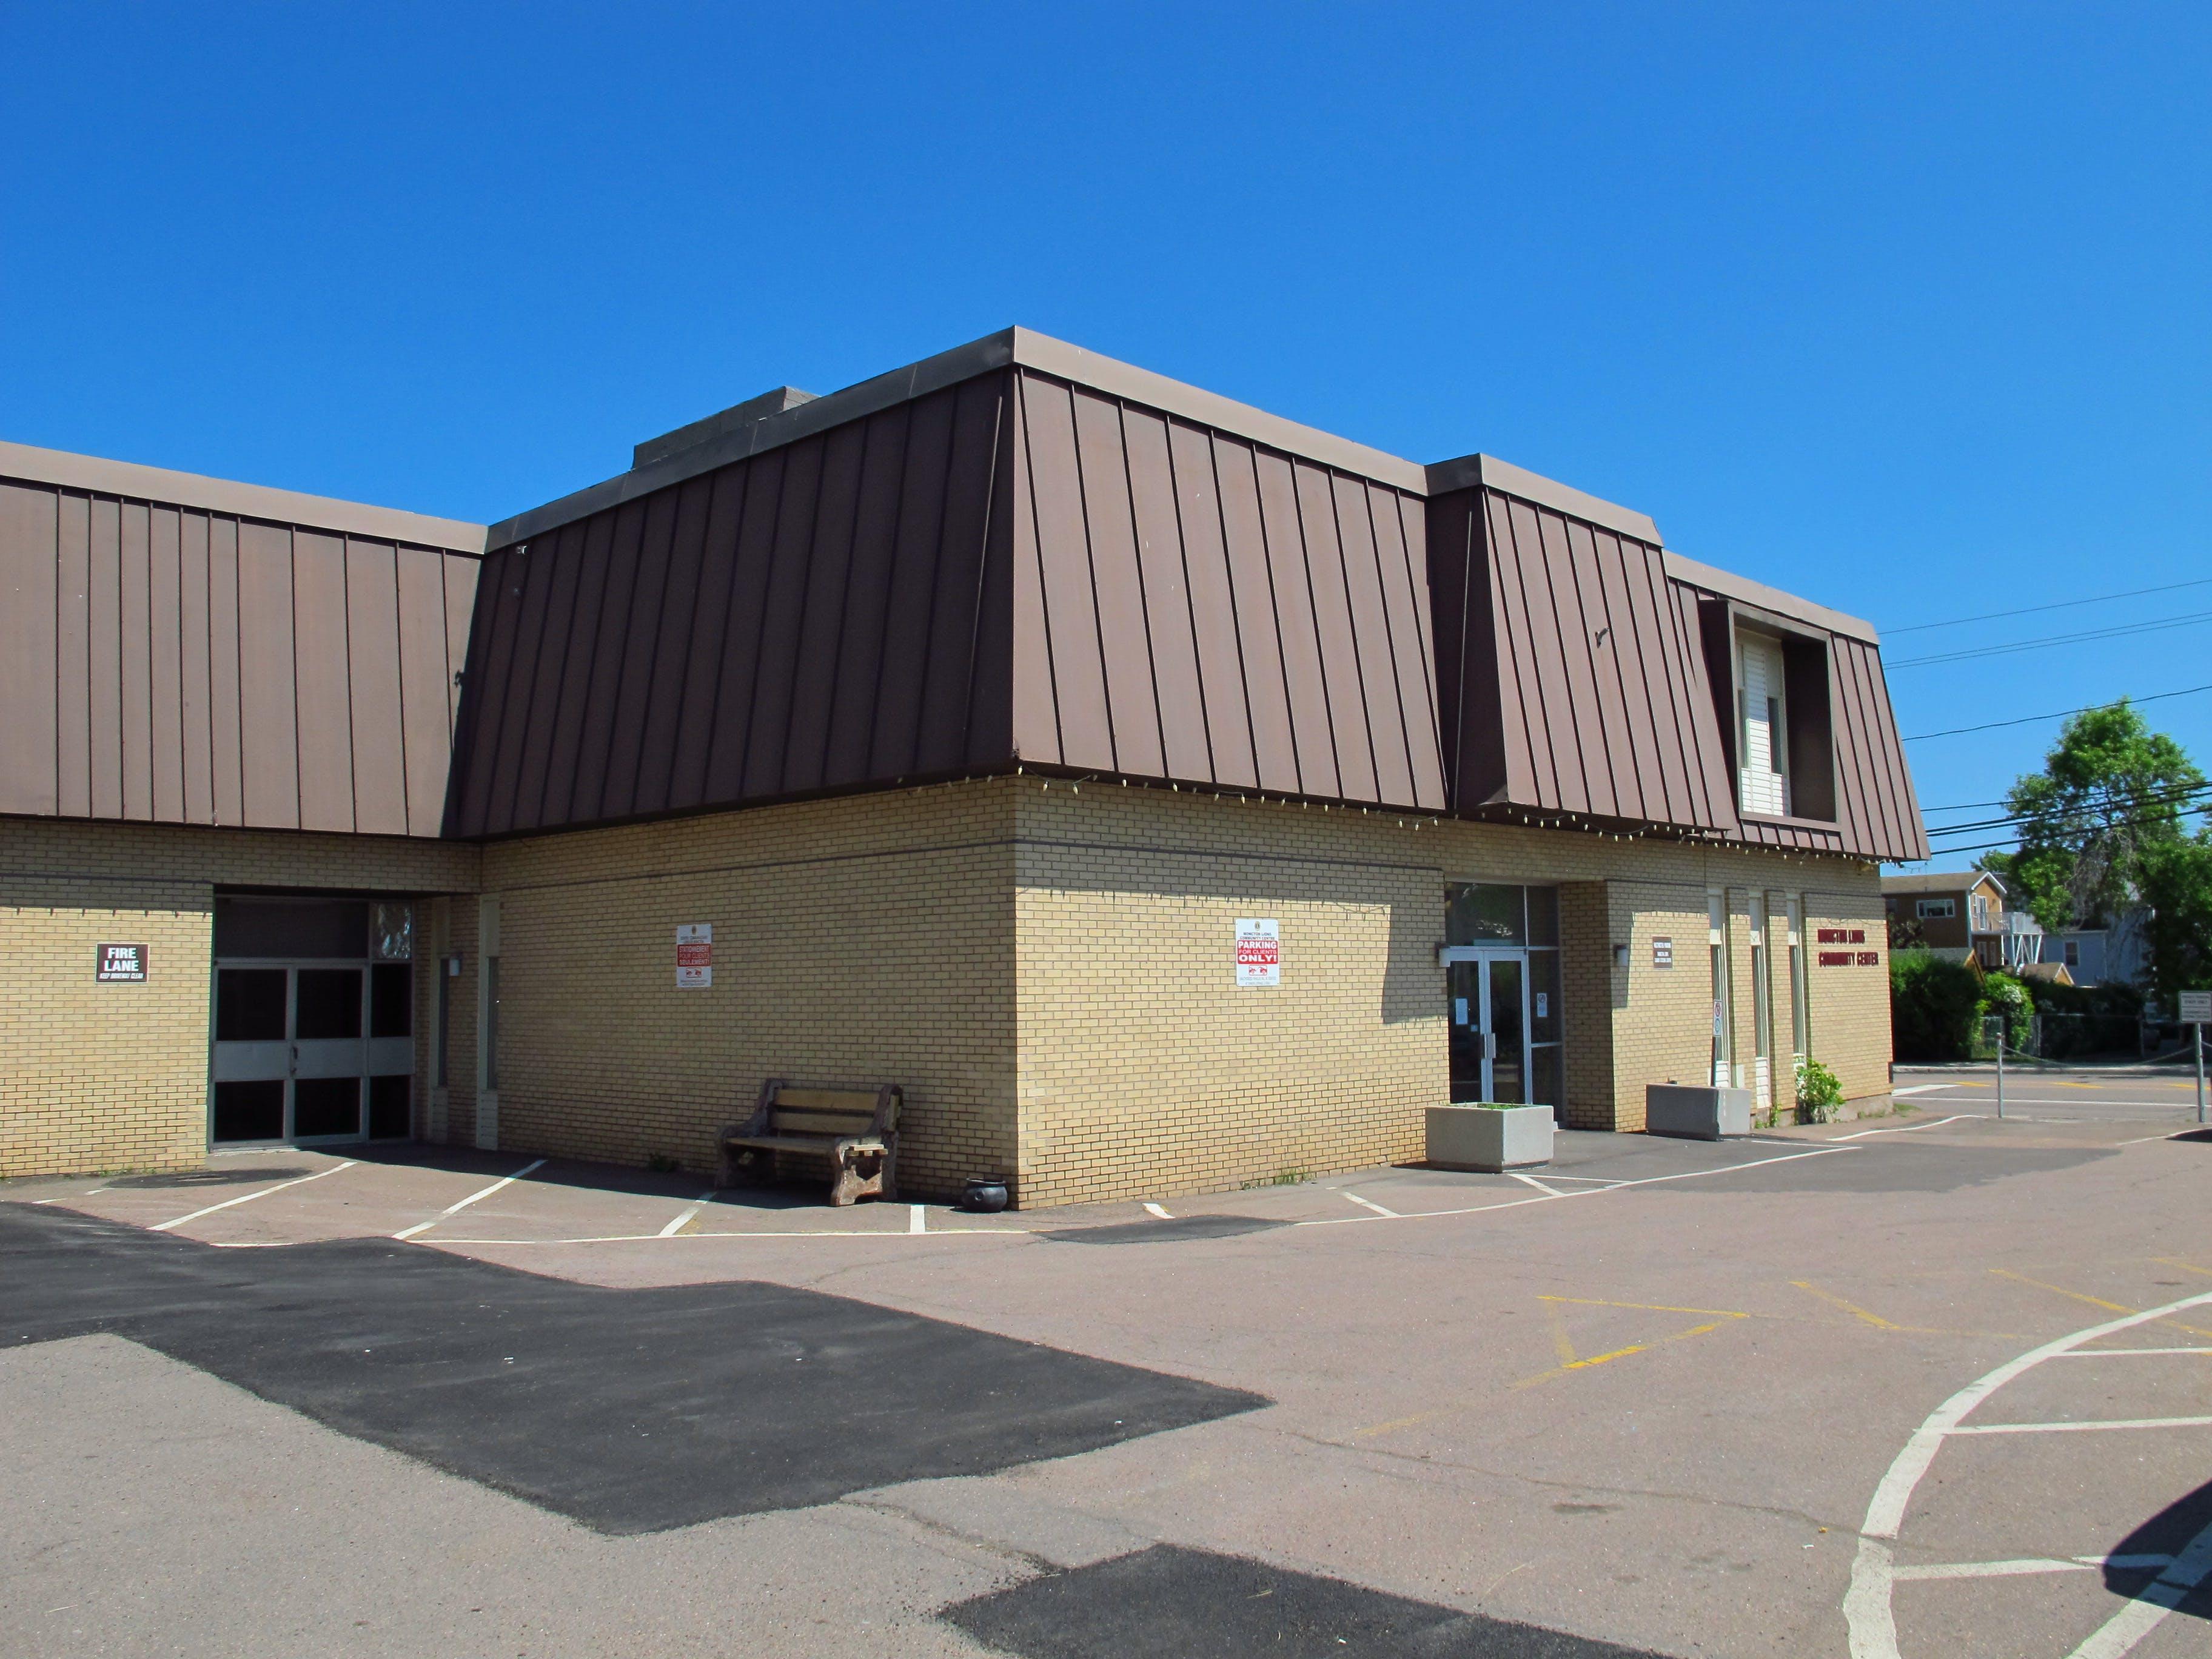 Moncton Lions Community Center